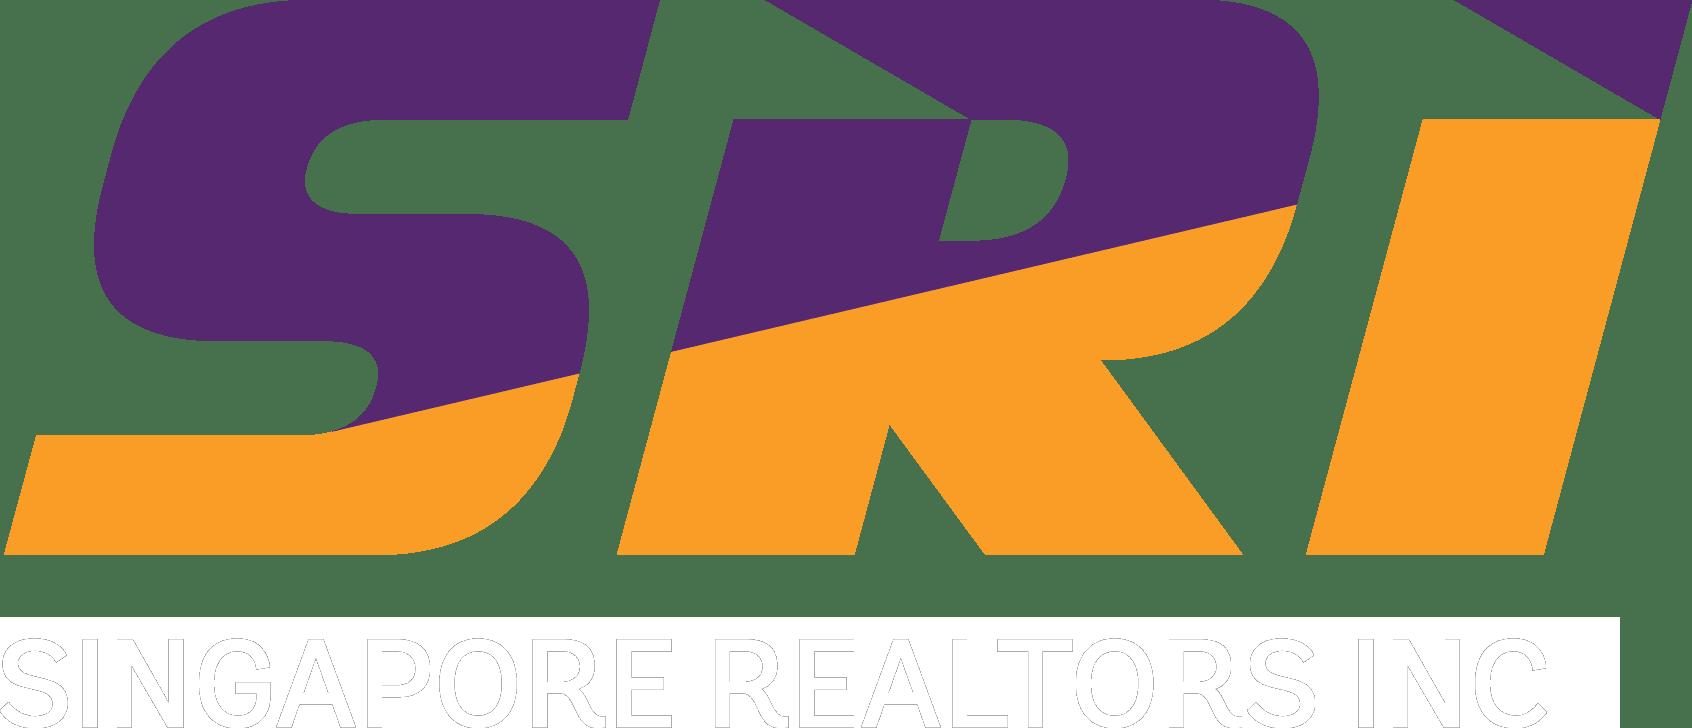 SRI - Singapore Realtors Inc